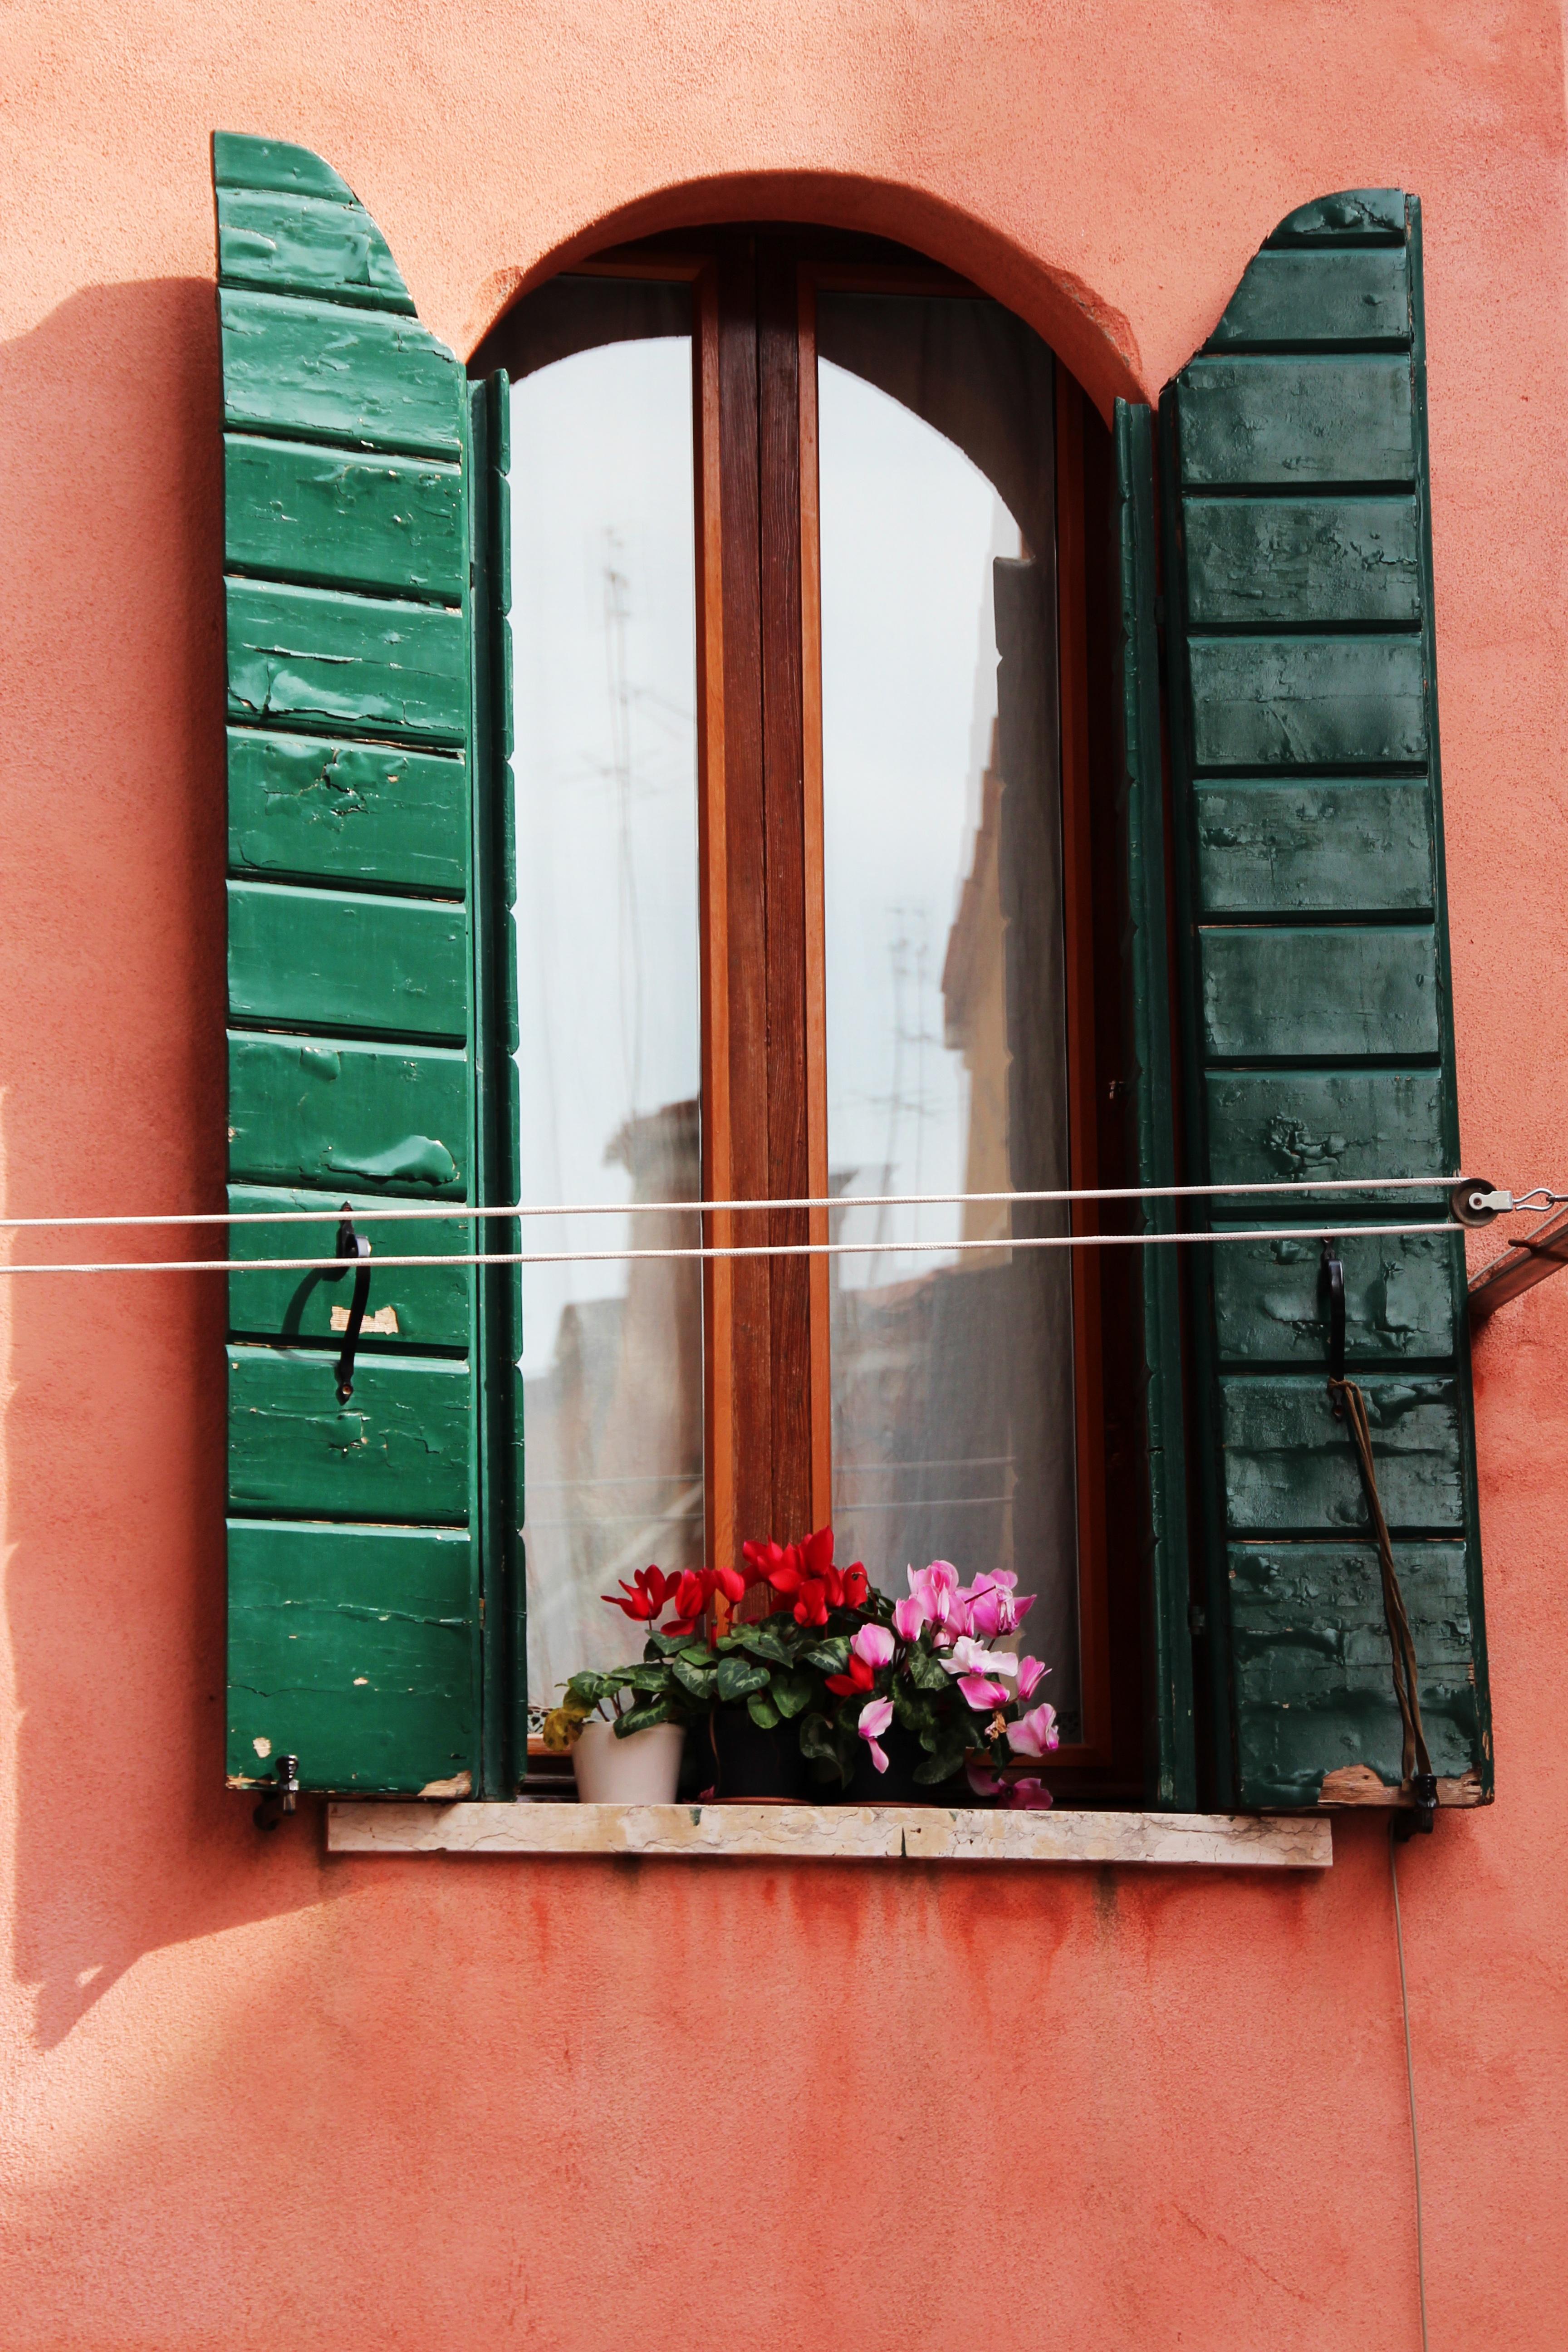 Gratis billeder : åben, arkitektur, træ, hus, vindue, glas, væg ...